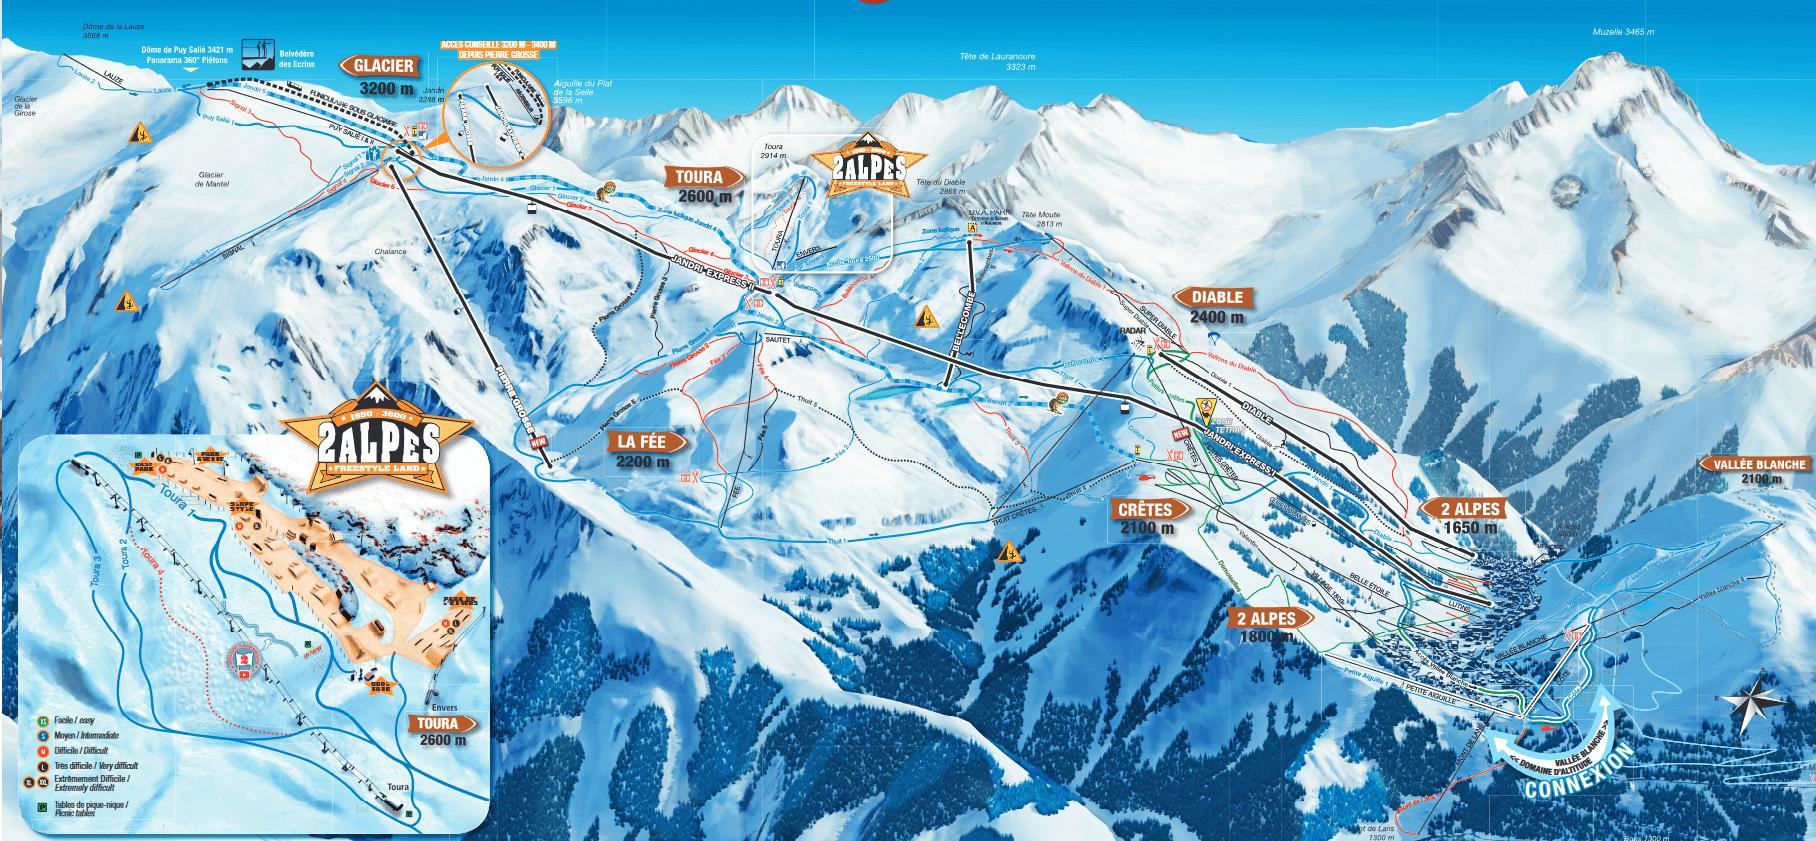 Les 2 Alpes - plan des pistes du domaine skiable